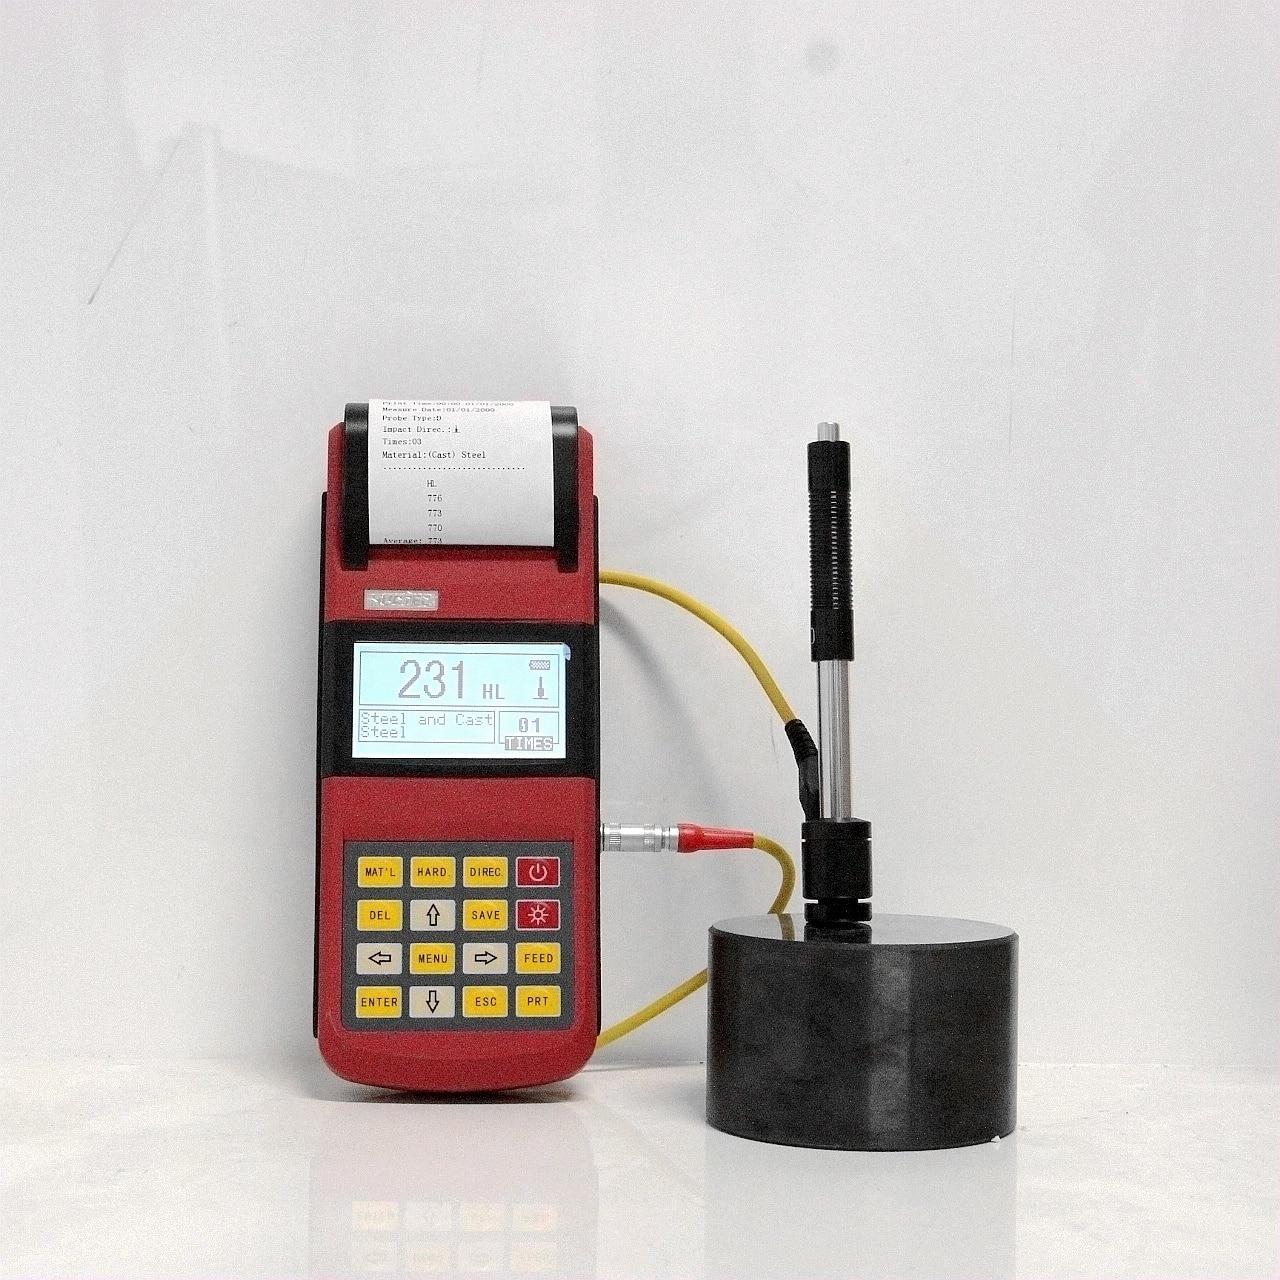 RHL160 Thermal printer integrated LED background light Leeb Hardness Tester enlarge